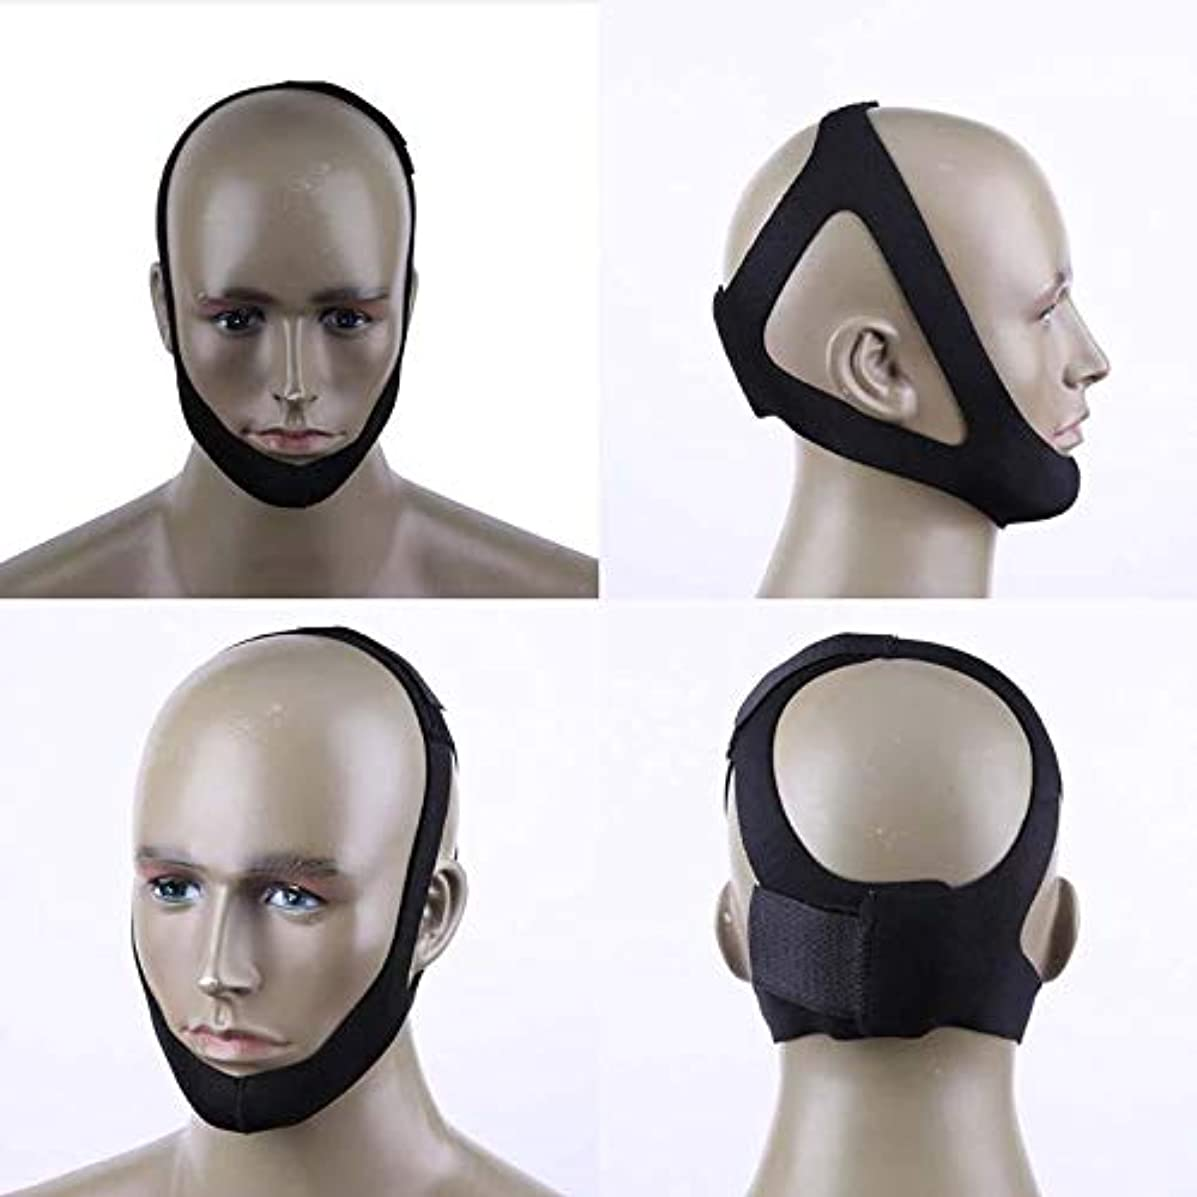 テスピアン大宇宙代表団メモ睡眠マスク三角形抗いびきヘッドバンド停止いびきいびきストッパーあごの顎いびき抵抗女性男睡眠ツール